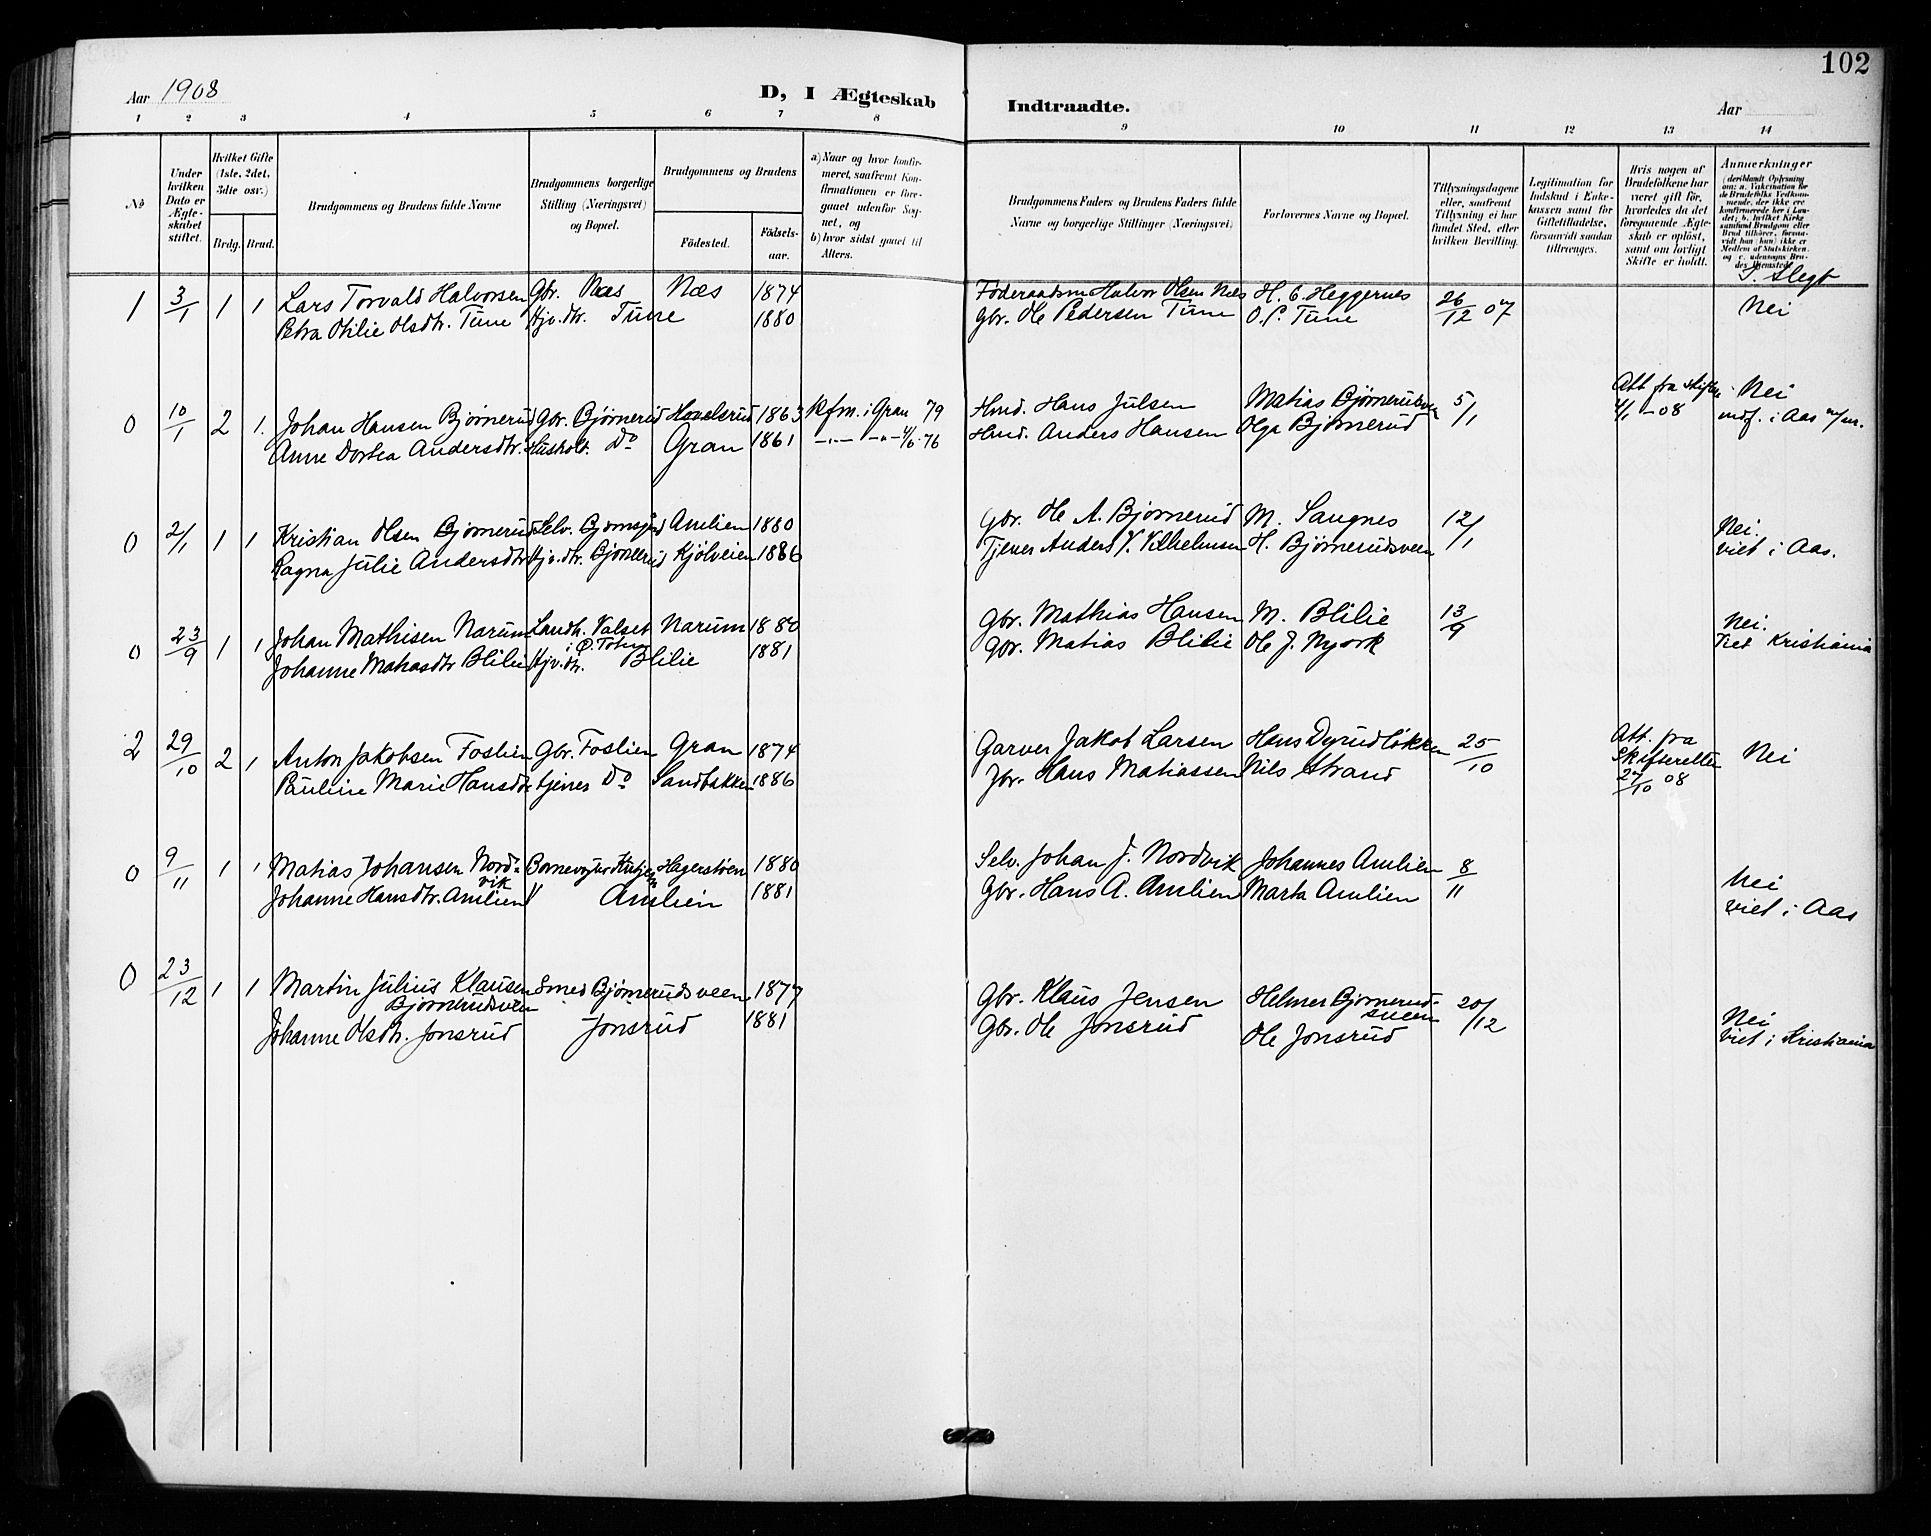 SAH, Vestre Toten prestekontor, Klokkerbok nr. 16, 1901-1915, s. 102